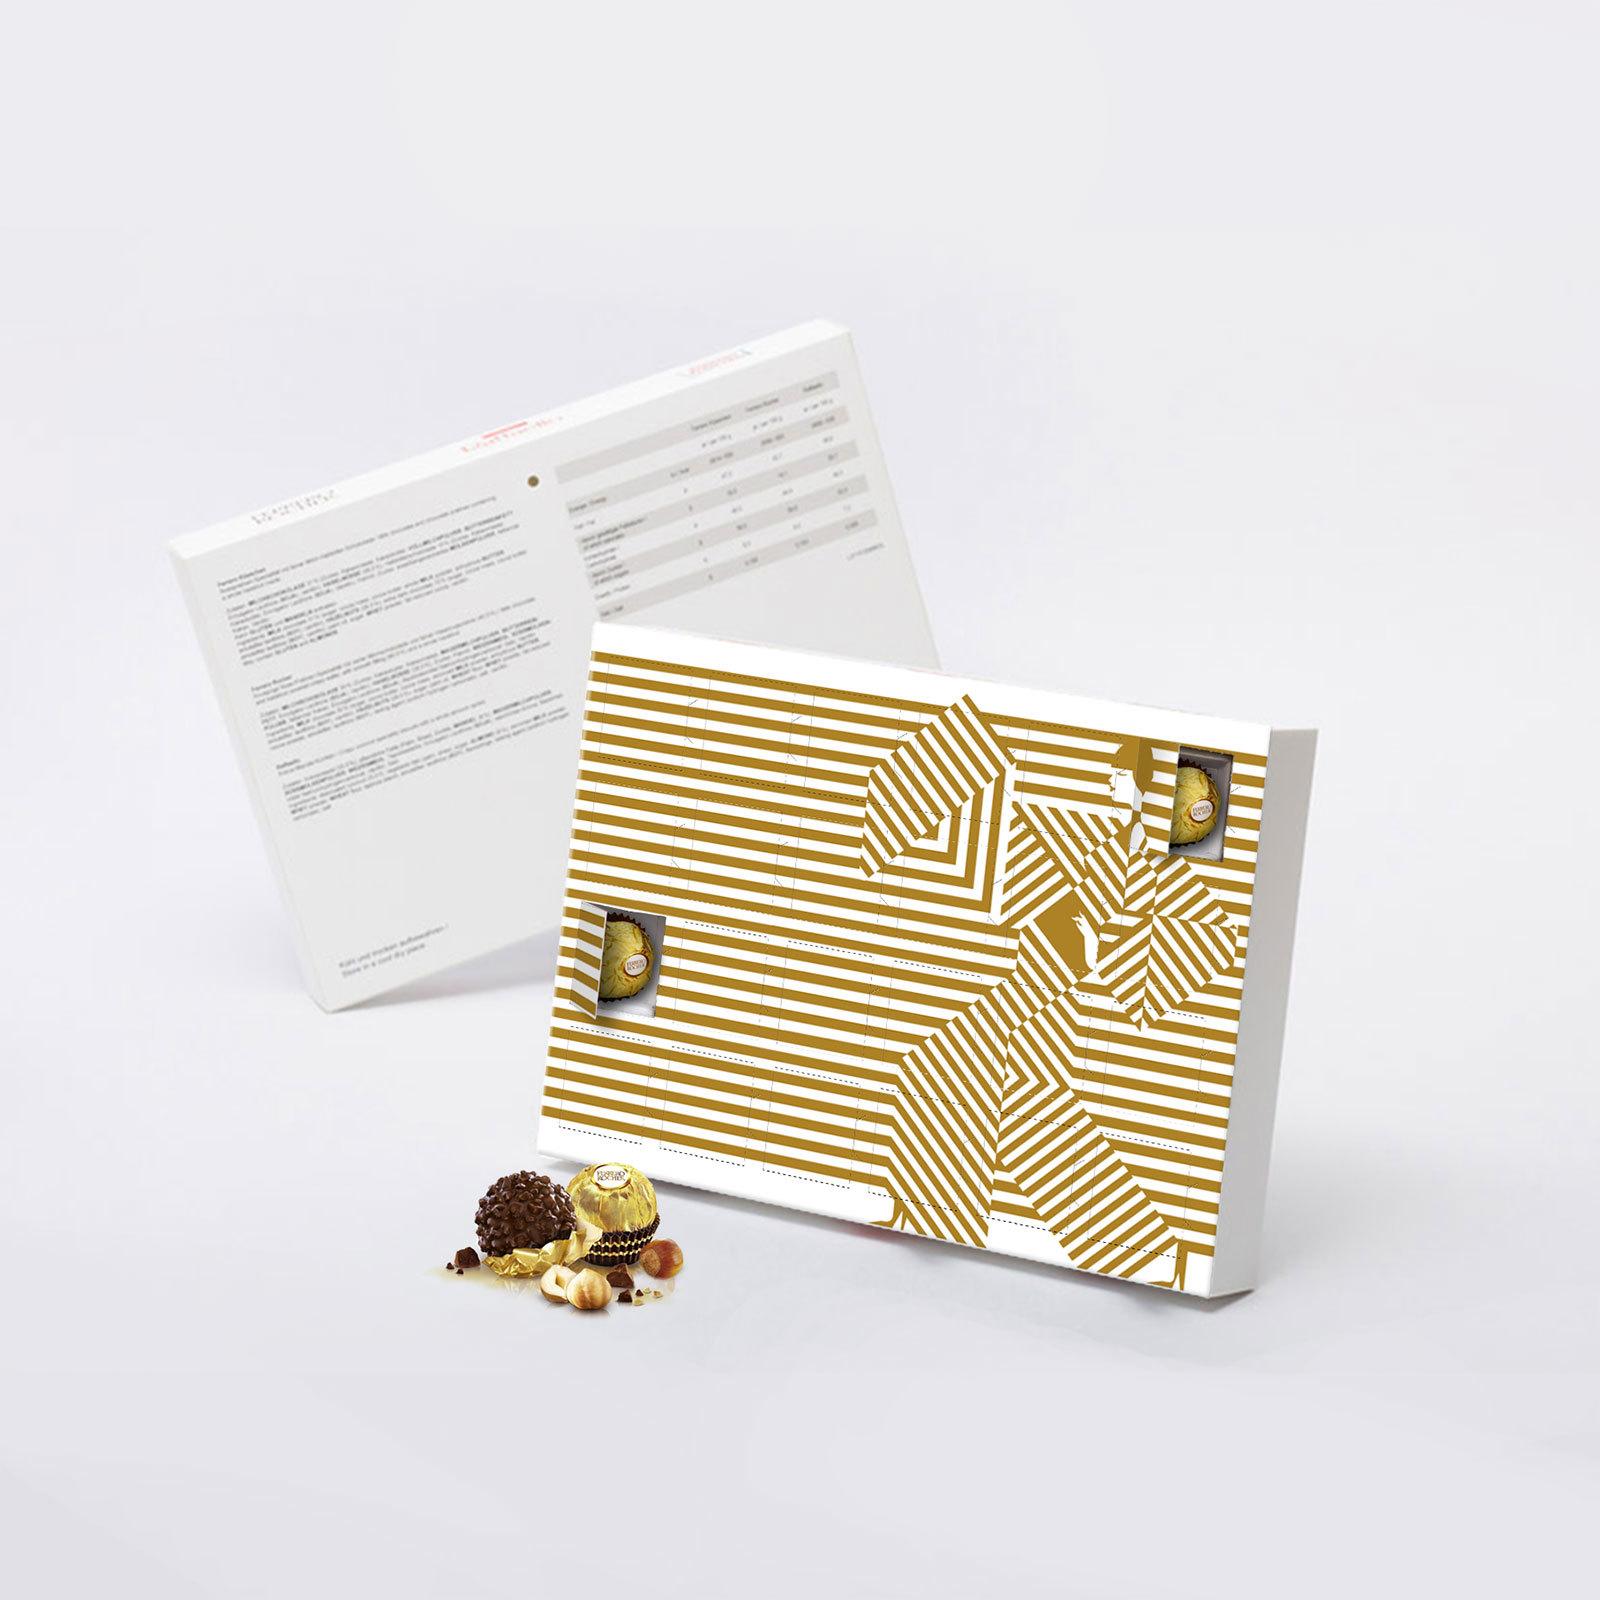 Конфеты Ferrero принт Gold с логотипом компании на 8 марта. 12 конфет